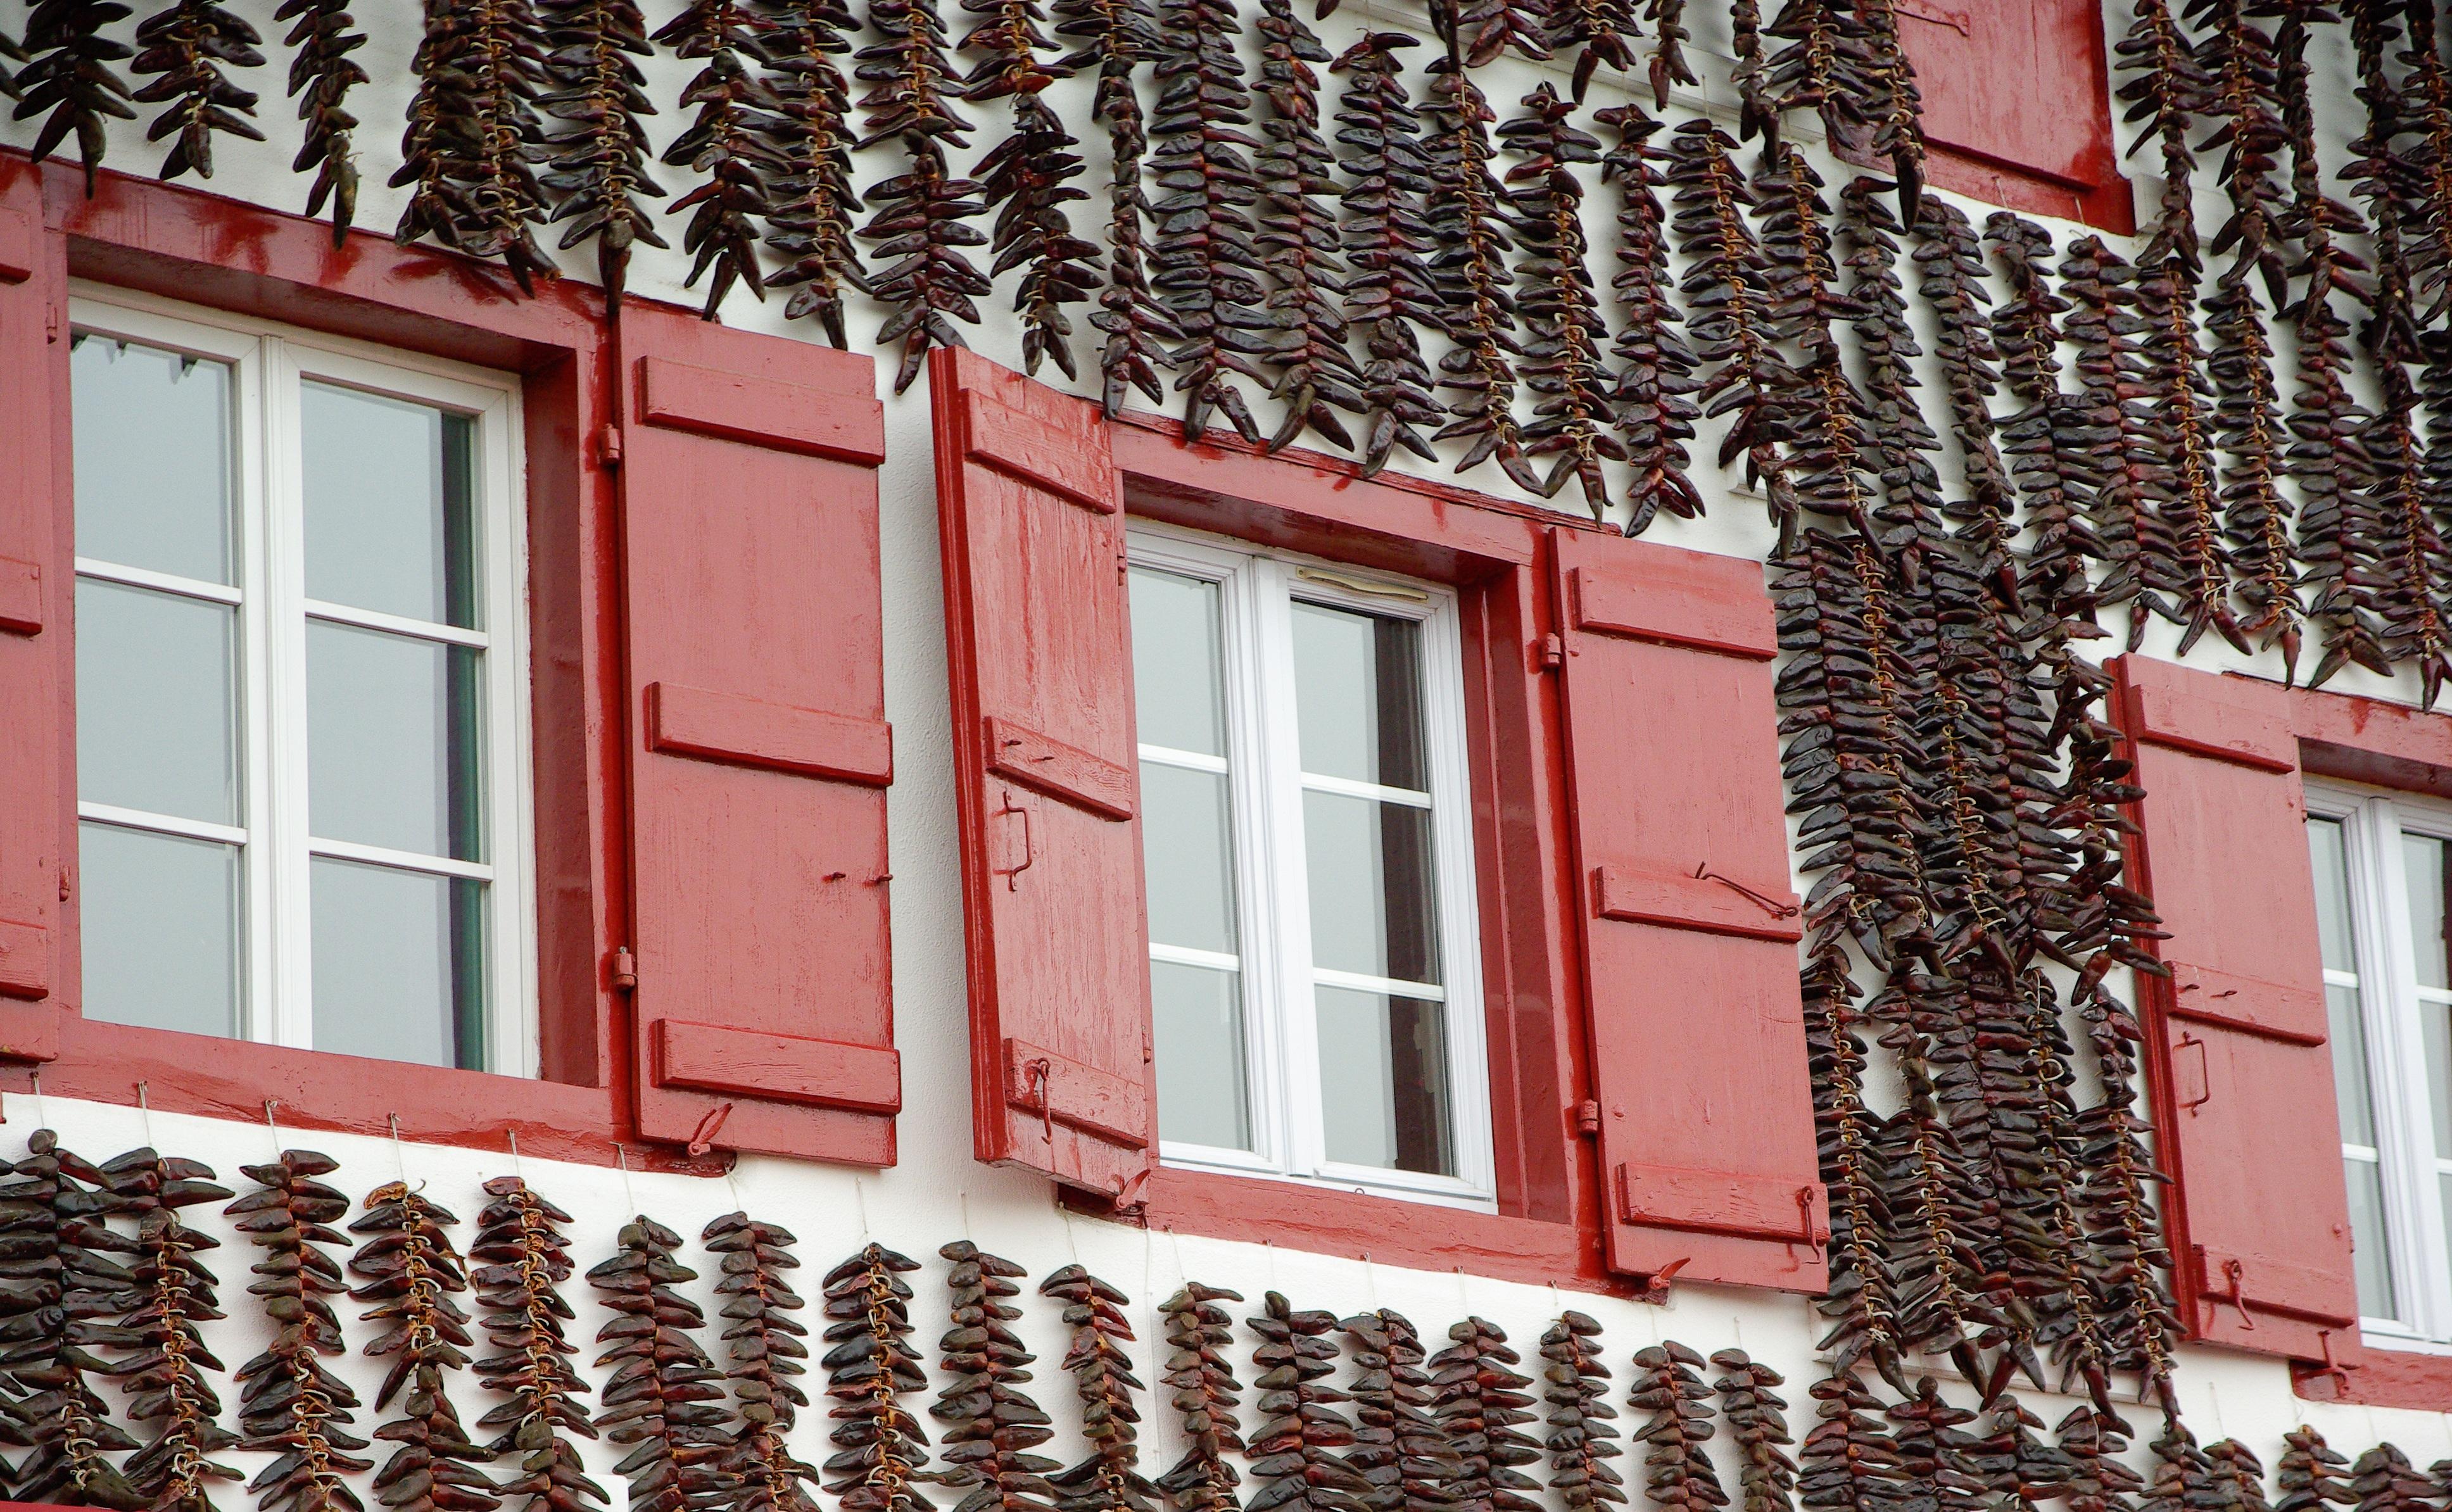 Images gratuites architecture maison mur balcon - Mur brique rouge interieur ...